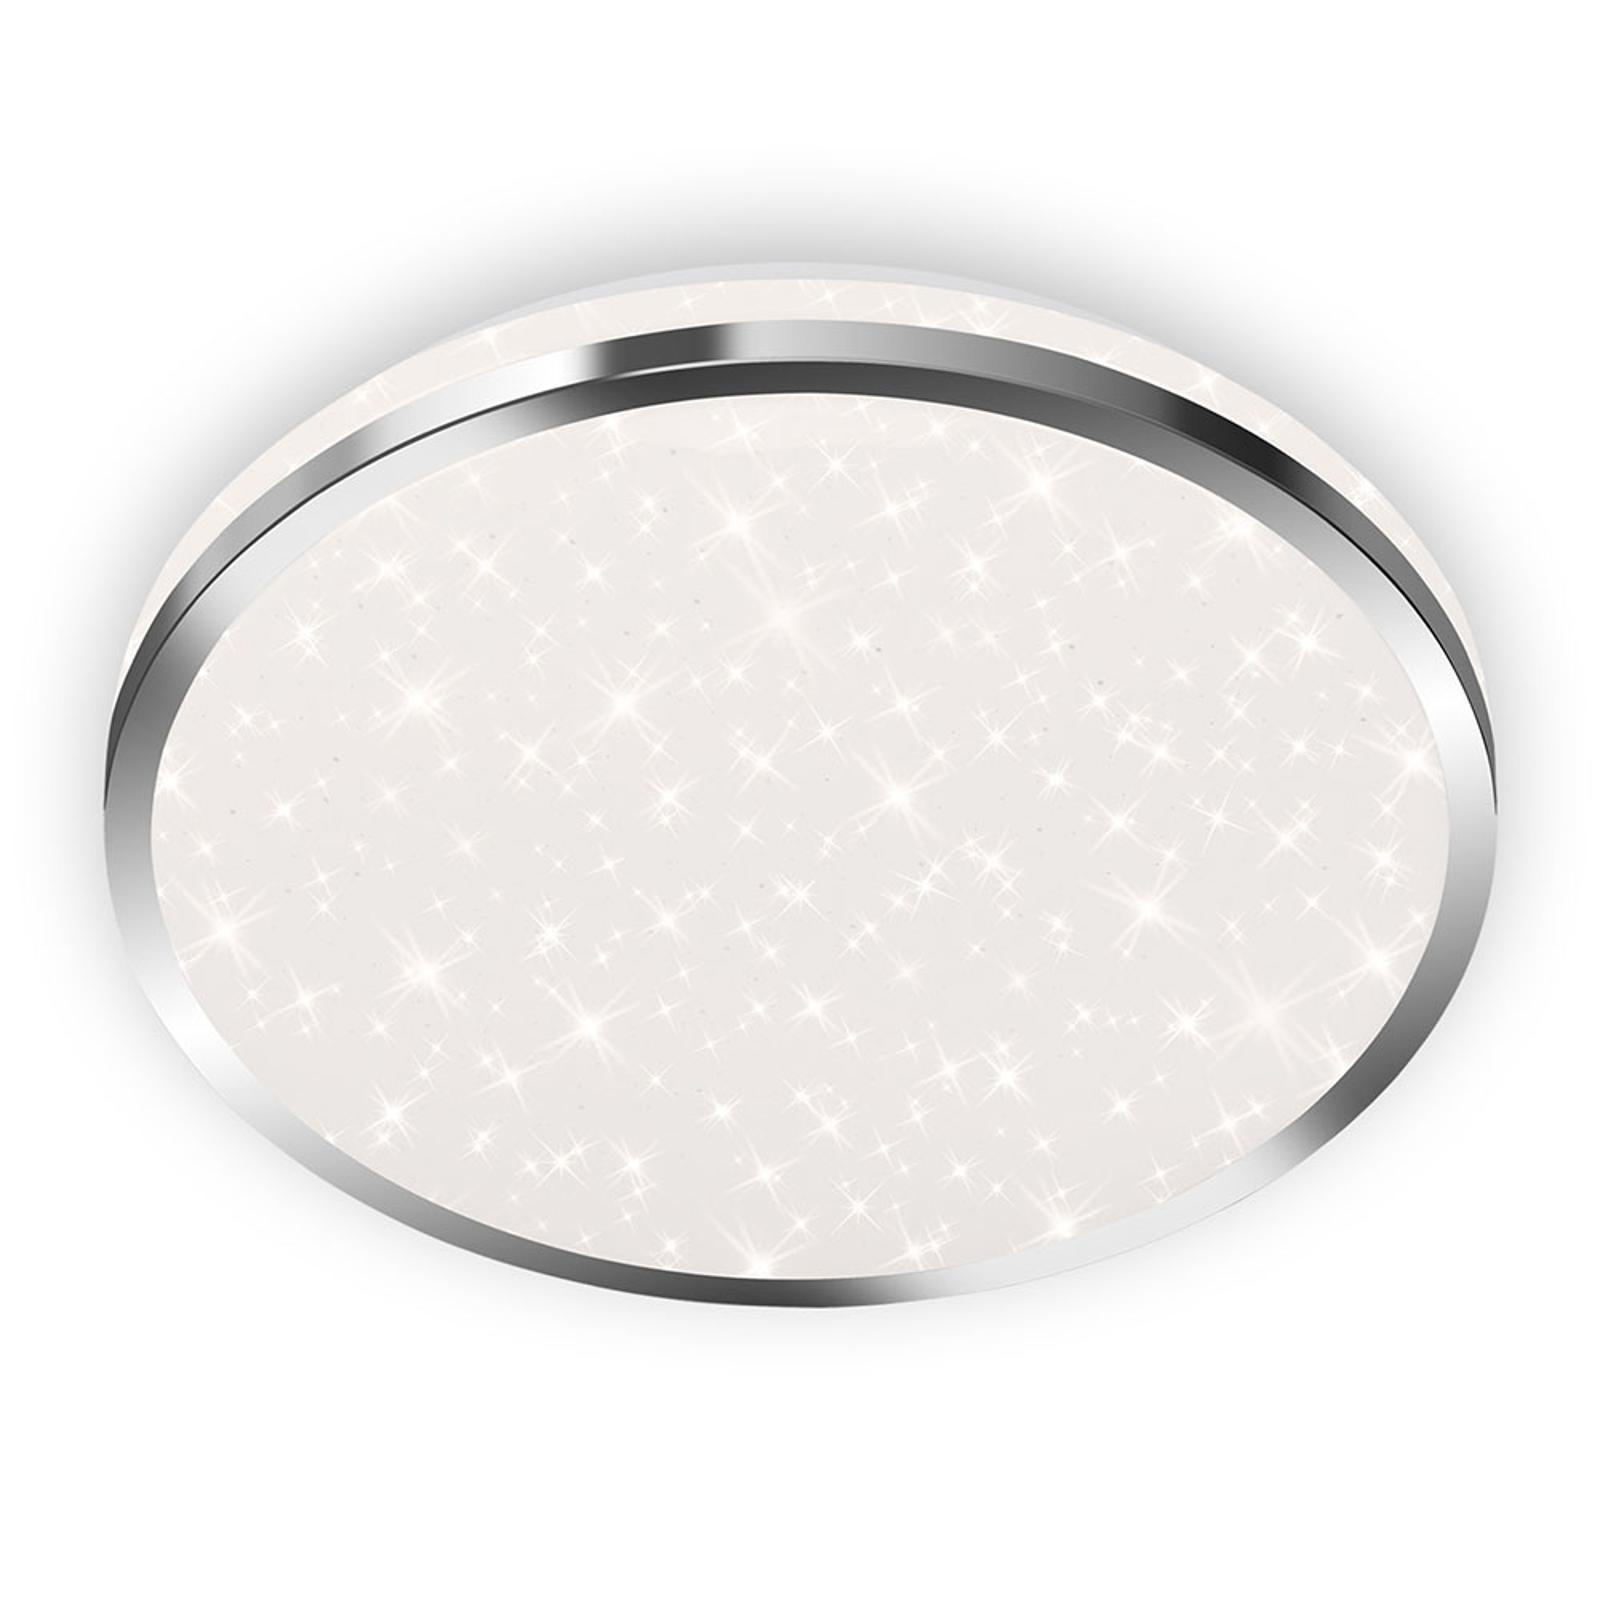 LED-taklampe 3403 IP44 stjernedekor, Ø 28 cm